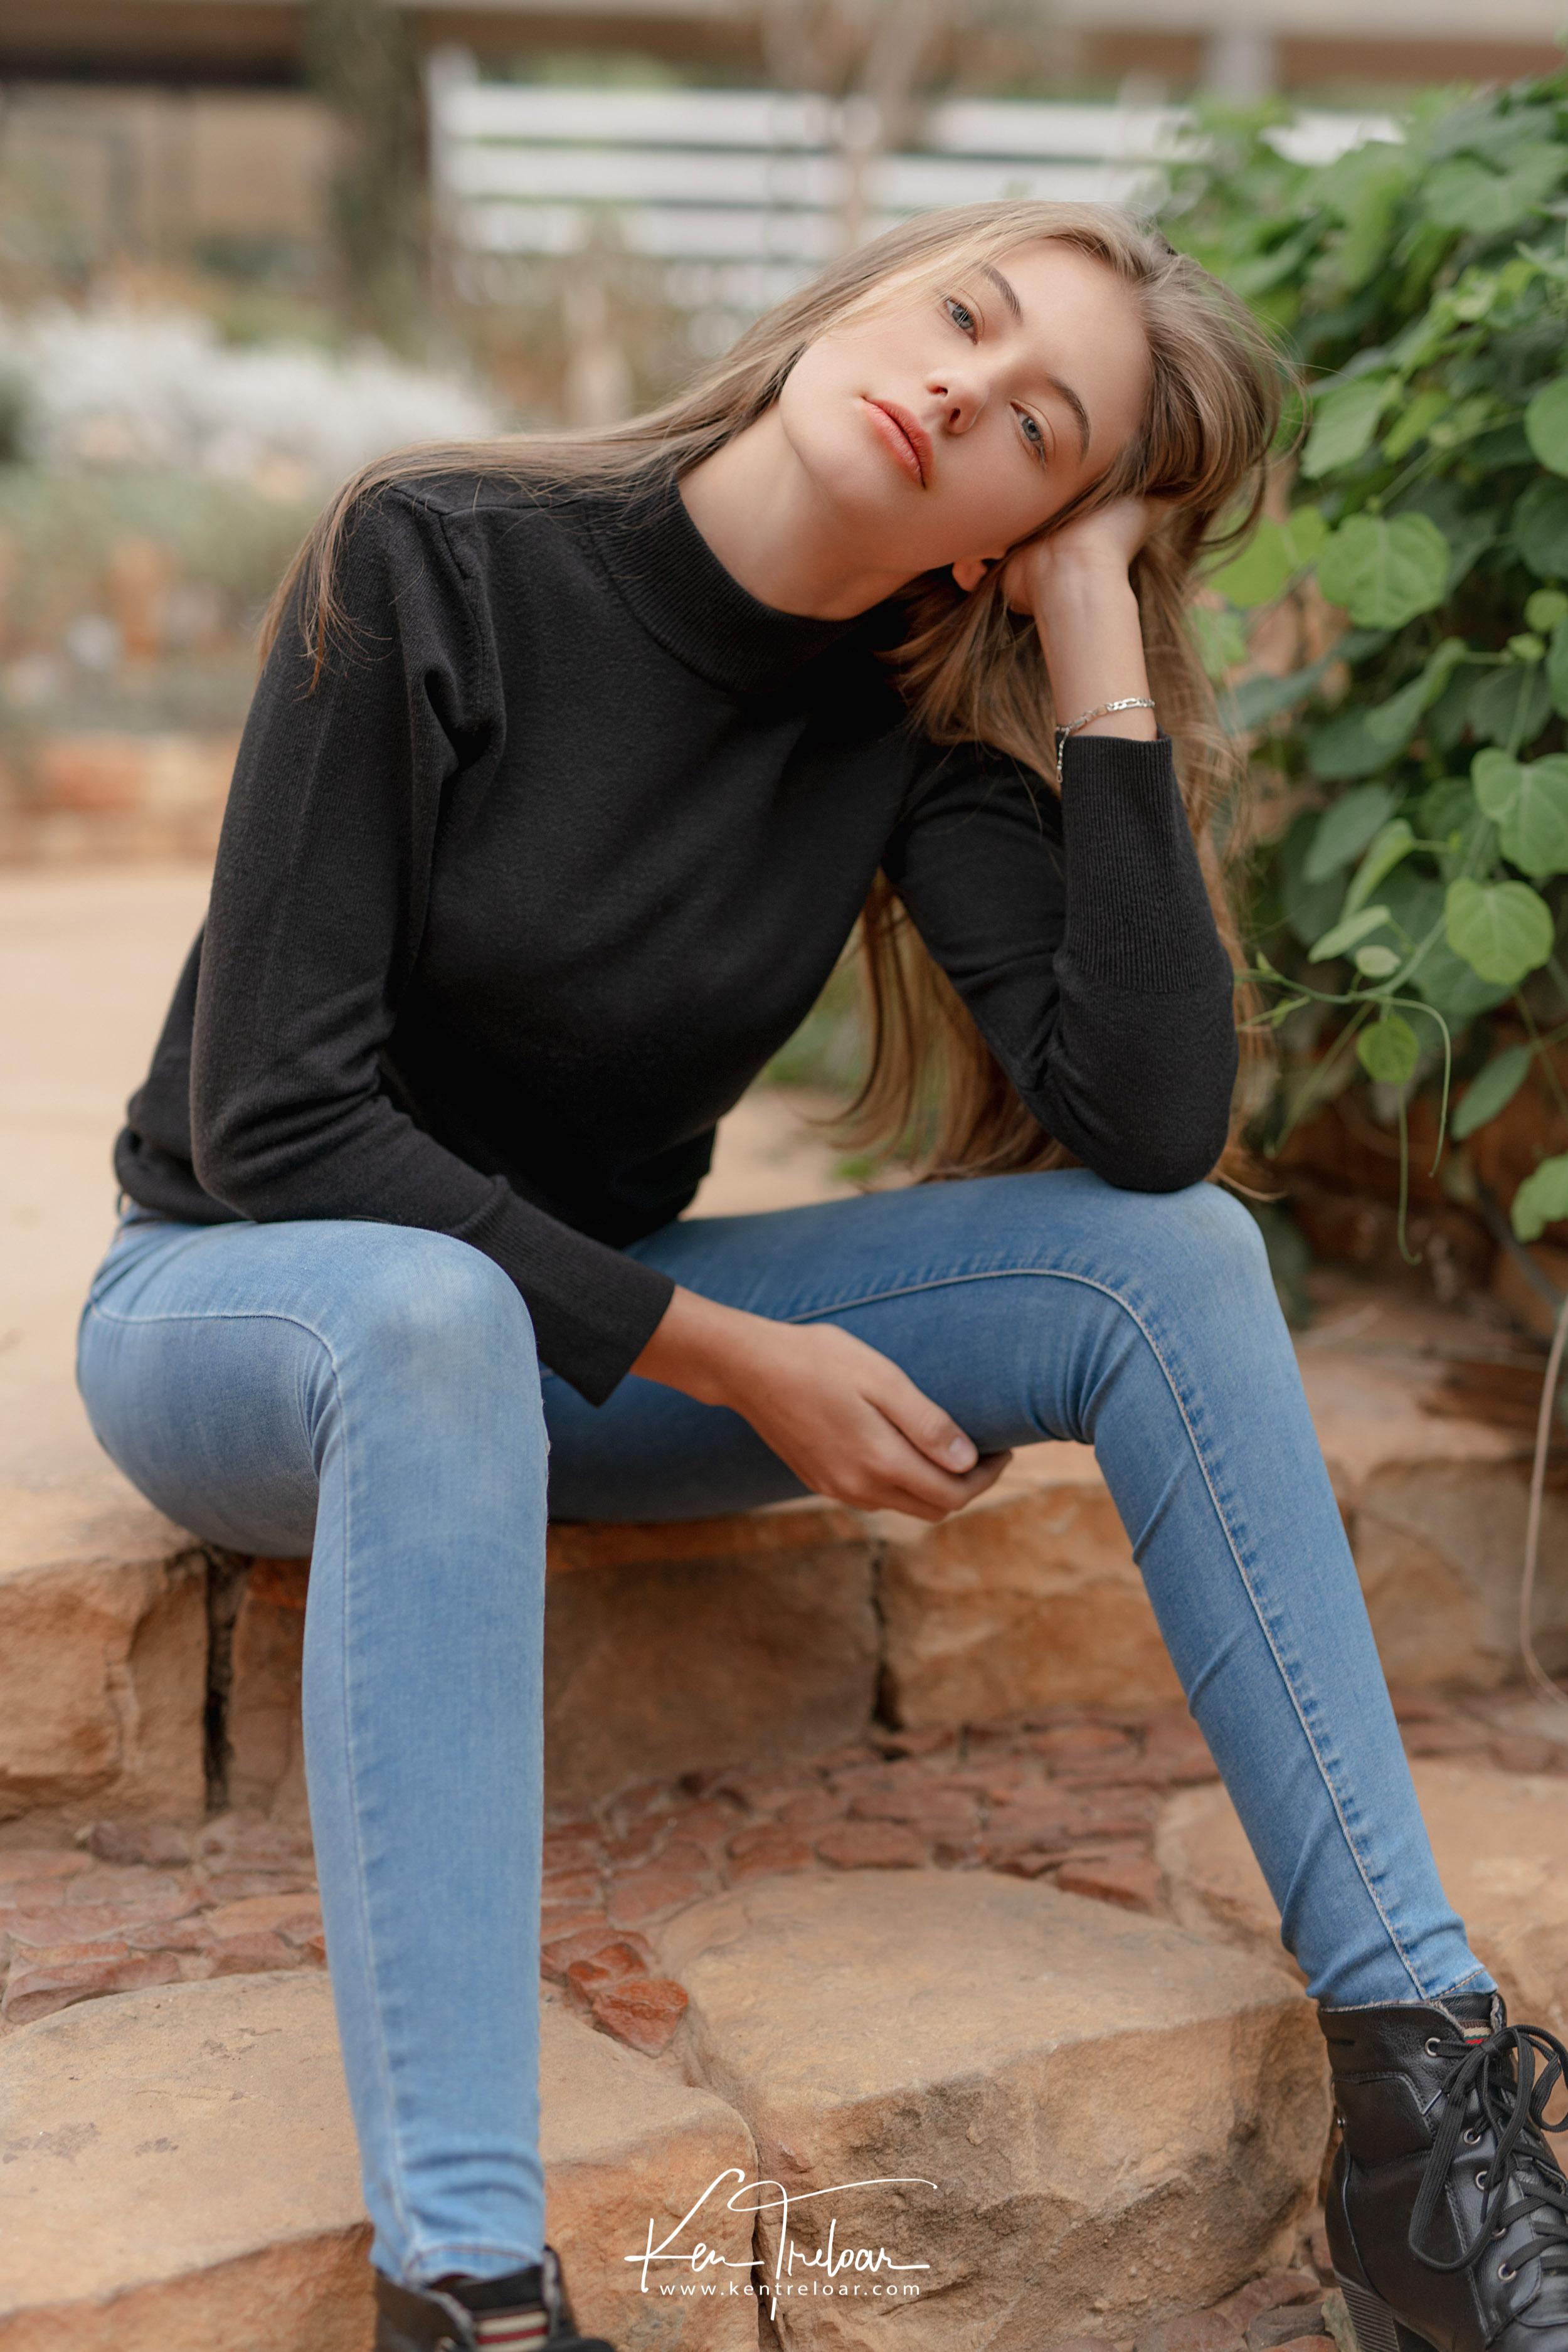 Nika Wood Portraits - Boss Models Cape Town by Ken Treloar - Cape Image Co-15.jpg